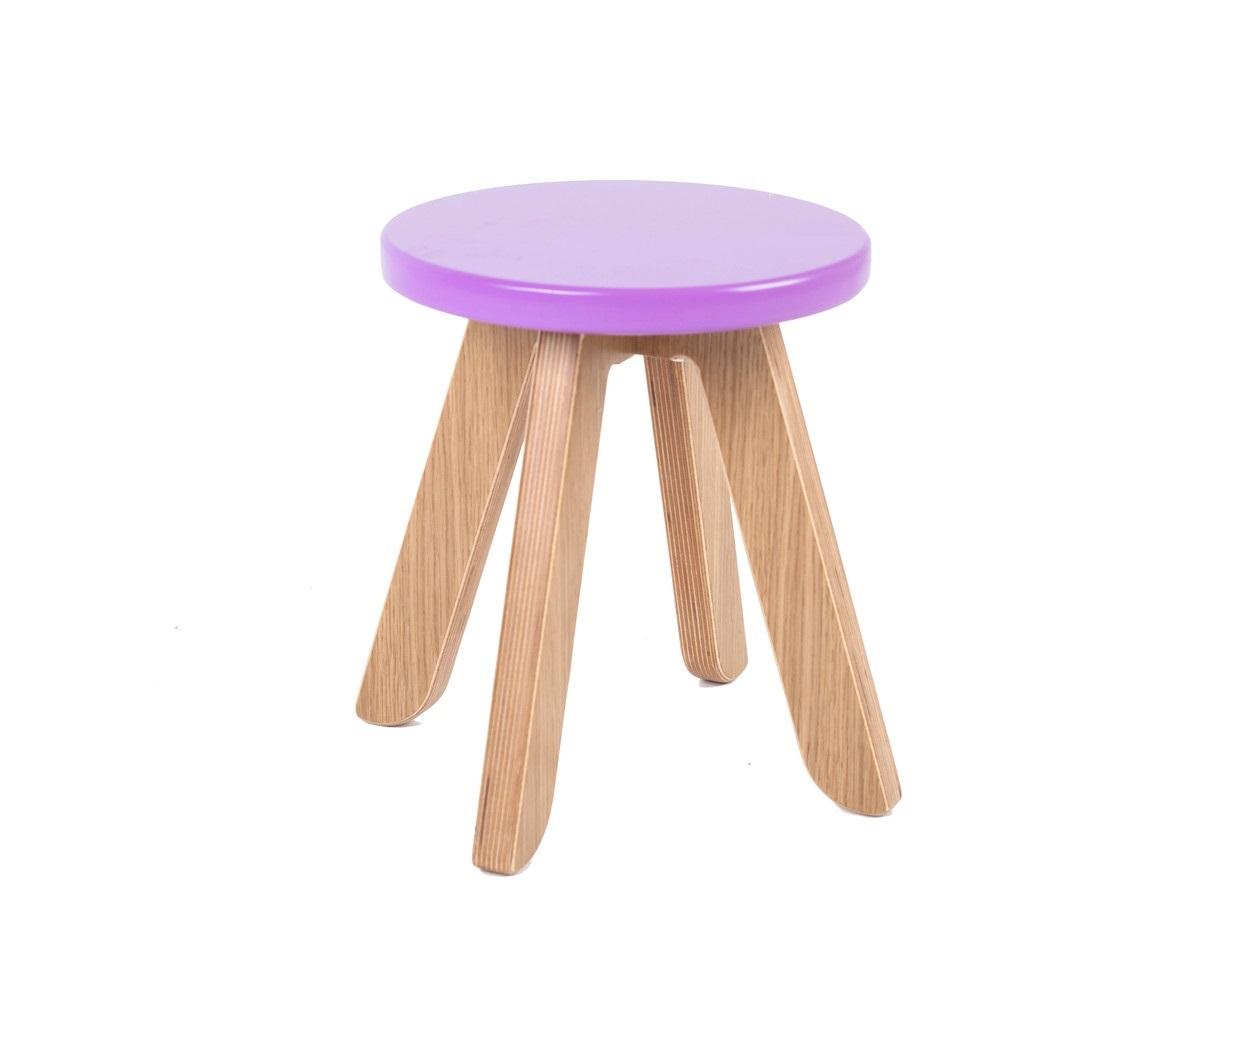 Табурет MalevichДетские табуреты<br>Табурет составит отличную компанию столу и стулу. Например, на нем удобно расположить принадлежности для рисования, когда стол используется в положении мольберта. Наличие табурета также позволит маме сидеть за столом на одном уровне с ребенком.&amp;amp;nbsp;&amp;lt;span style=&amp;quot;font-size: 14px;&amp;quot;&amp;gt;&amp;amp;nbsp;&amp;lt;/span&amp;gt;&amp;lt;div style=&amp;quot;font-size: 14px;&amp;quot;&amp;gt;&amp;lt;br&amp;gt;&amp;lt;/div&amp;gt;&amp;lt;div style=&amp;quot;font-size: 14px;&amp;quot;&amp;gt;Материал: березовая фанера, дубовый шпон.&amp;lt;/div&amp;gt;<br><br>Material: Фанера<br>Height см: 29<br>Diameter см: 26